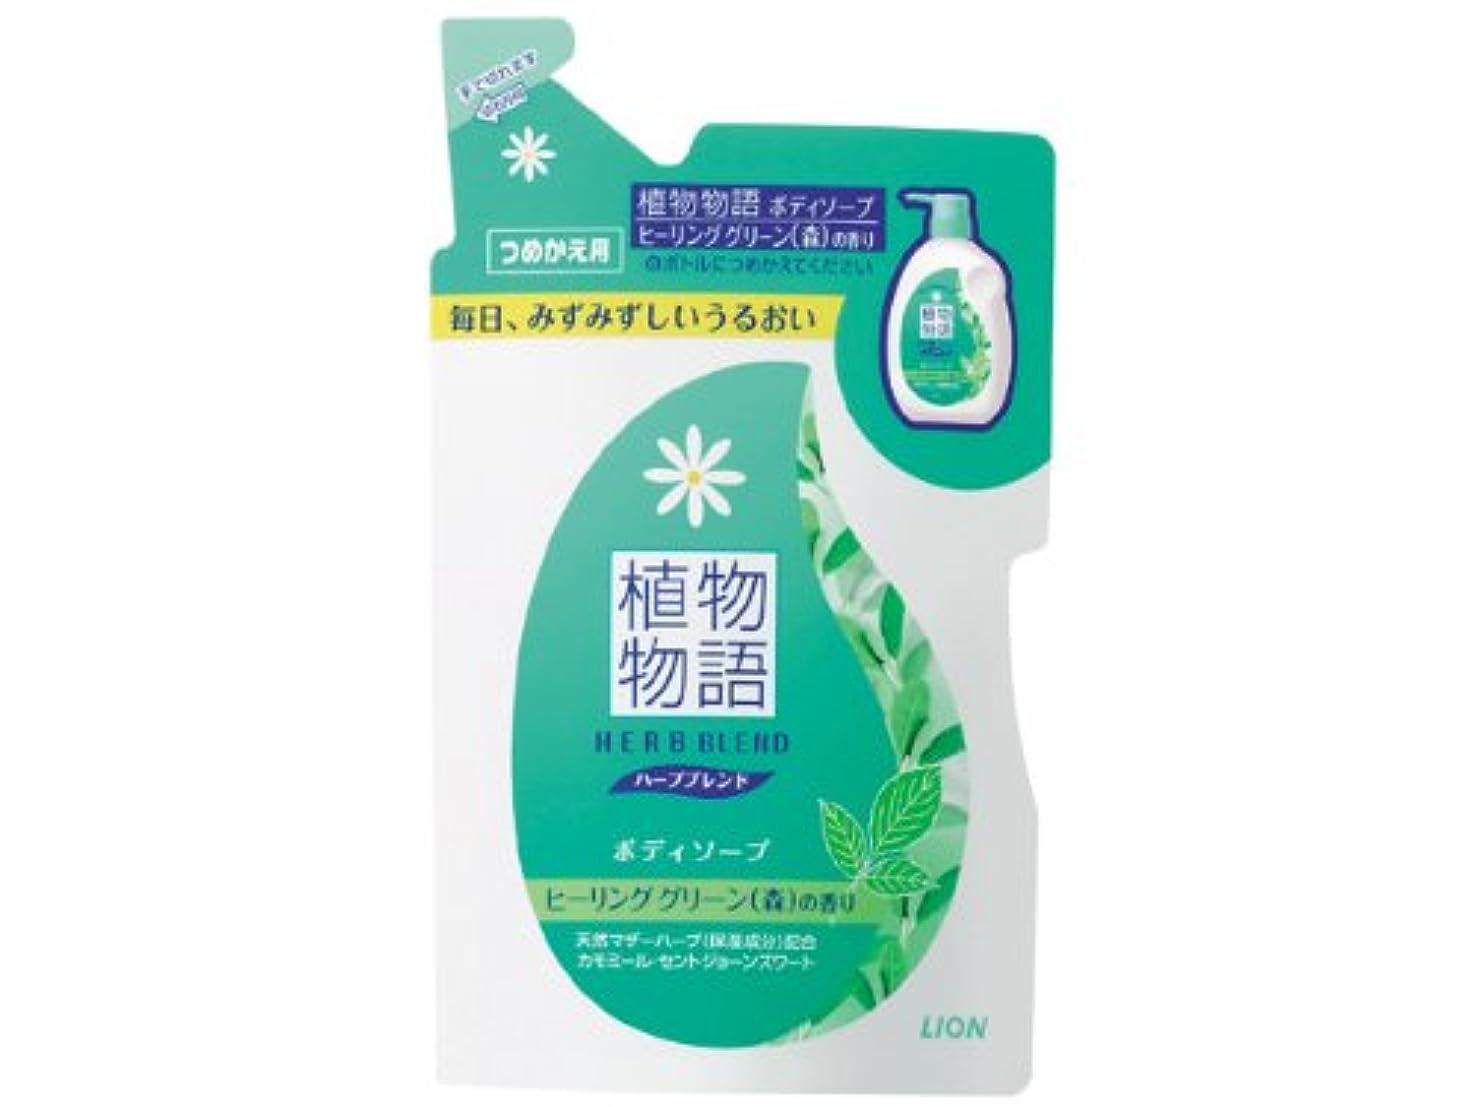 介入する僕の放つ植物物語 ハーブブレンド ボディソープ ヒーリンググリーン(森)の香り つめかえ用 420ml